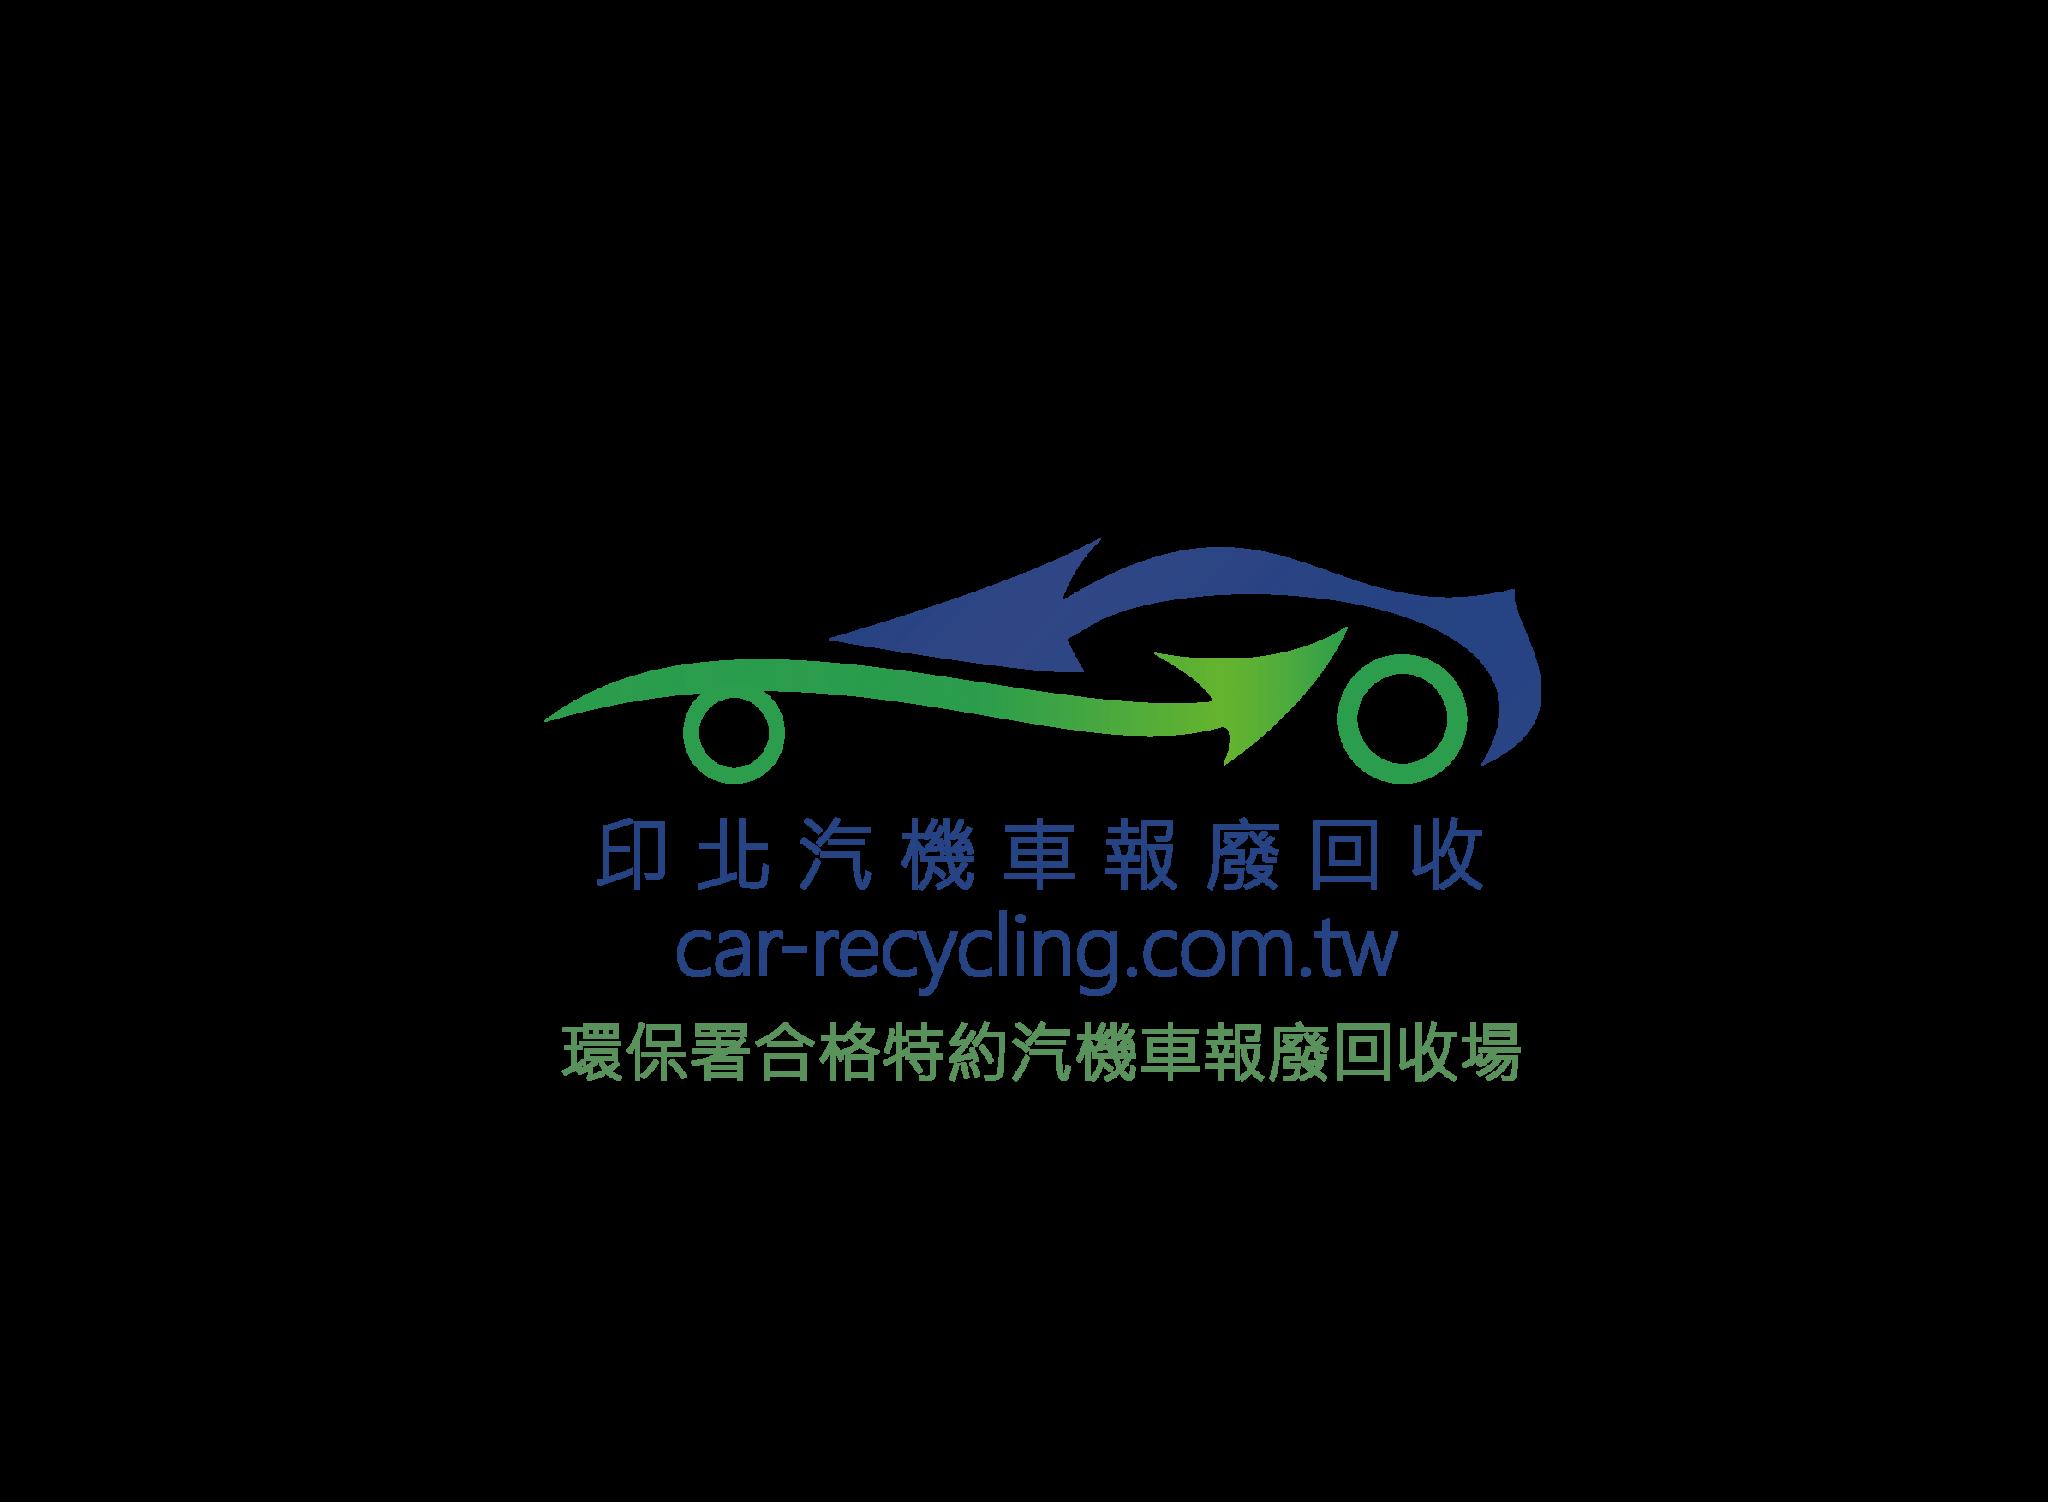 汽機車報廢回收場